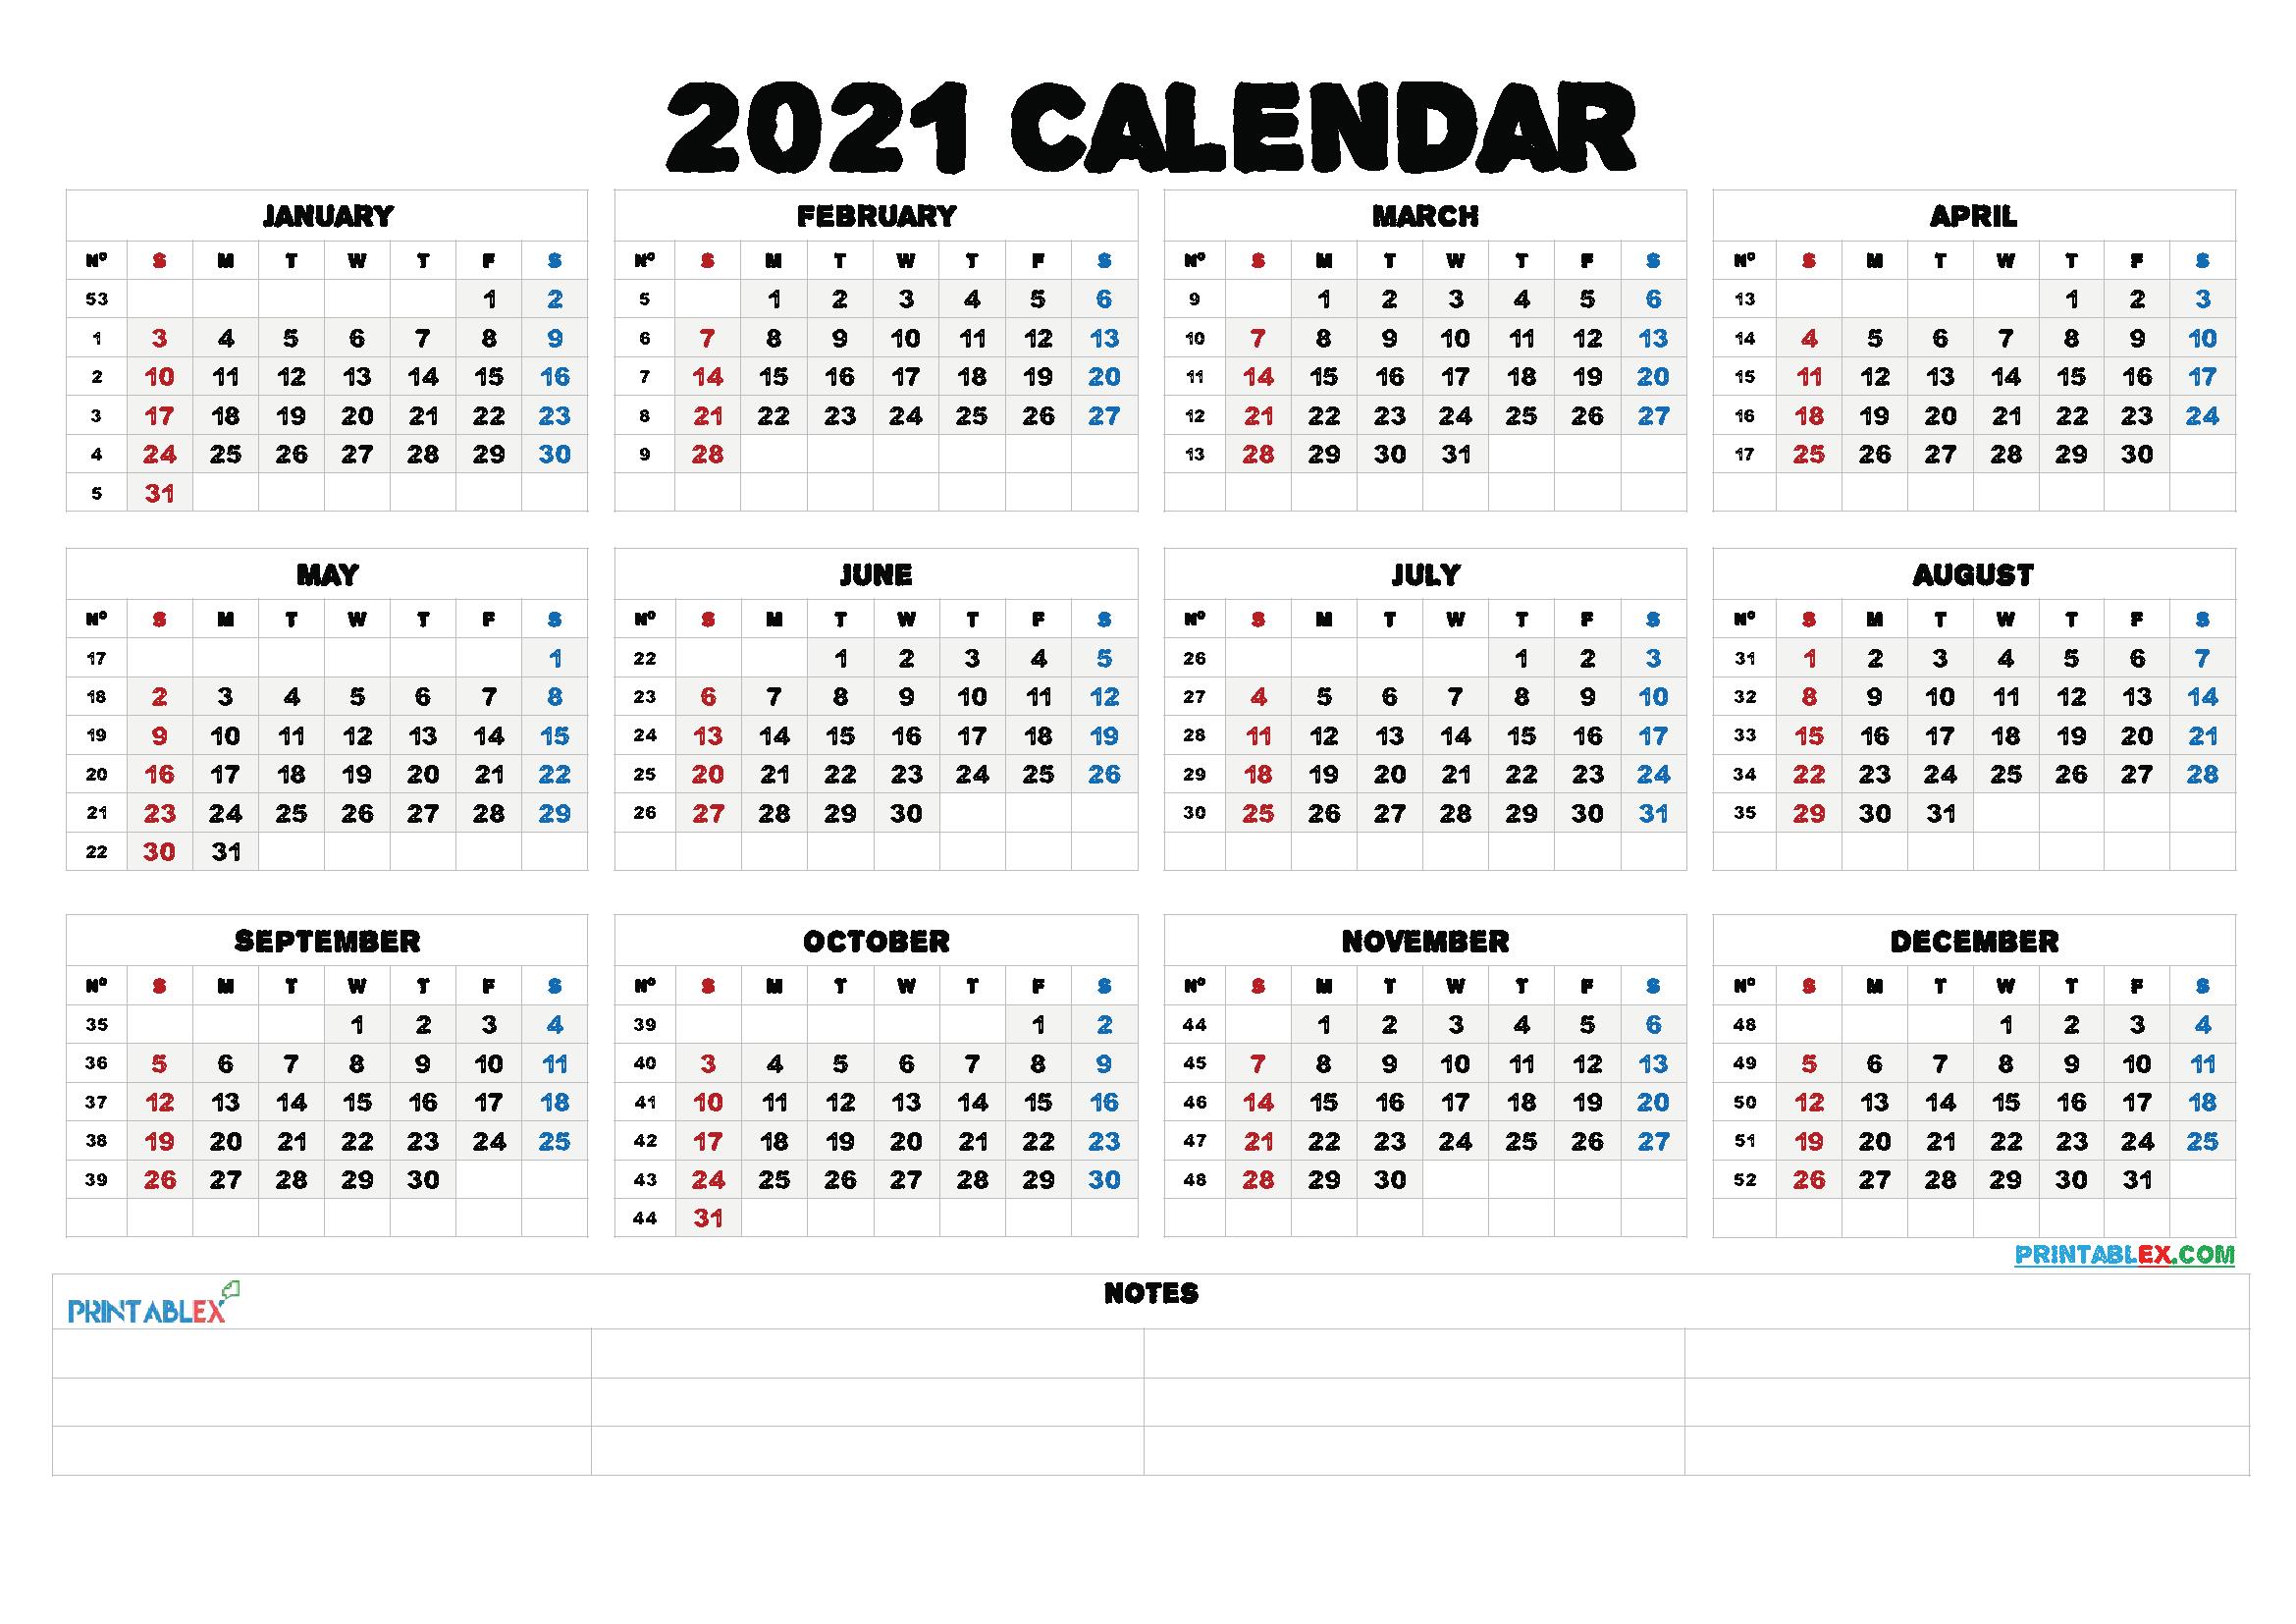 2021 Calendar With Week Number Printable Free : Free ...